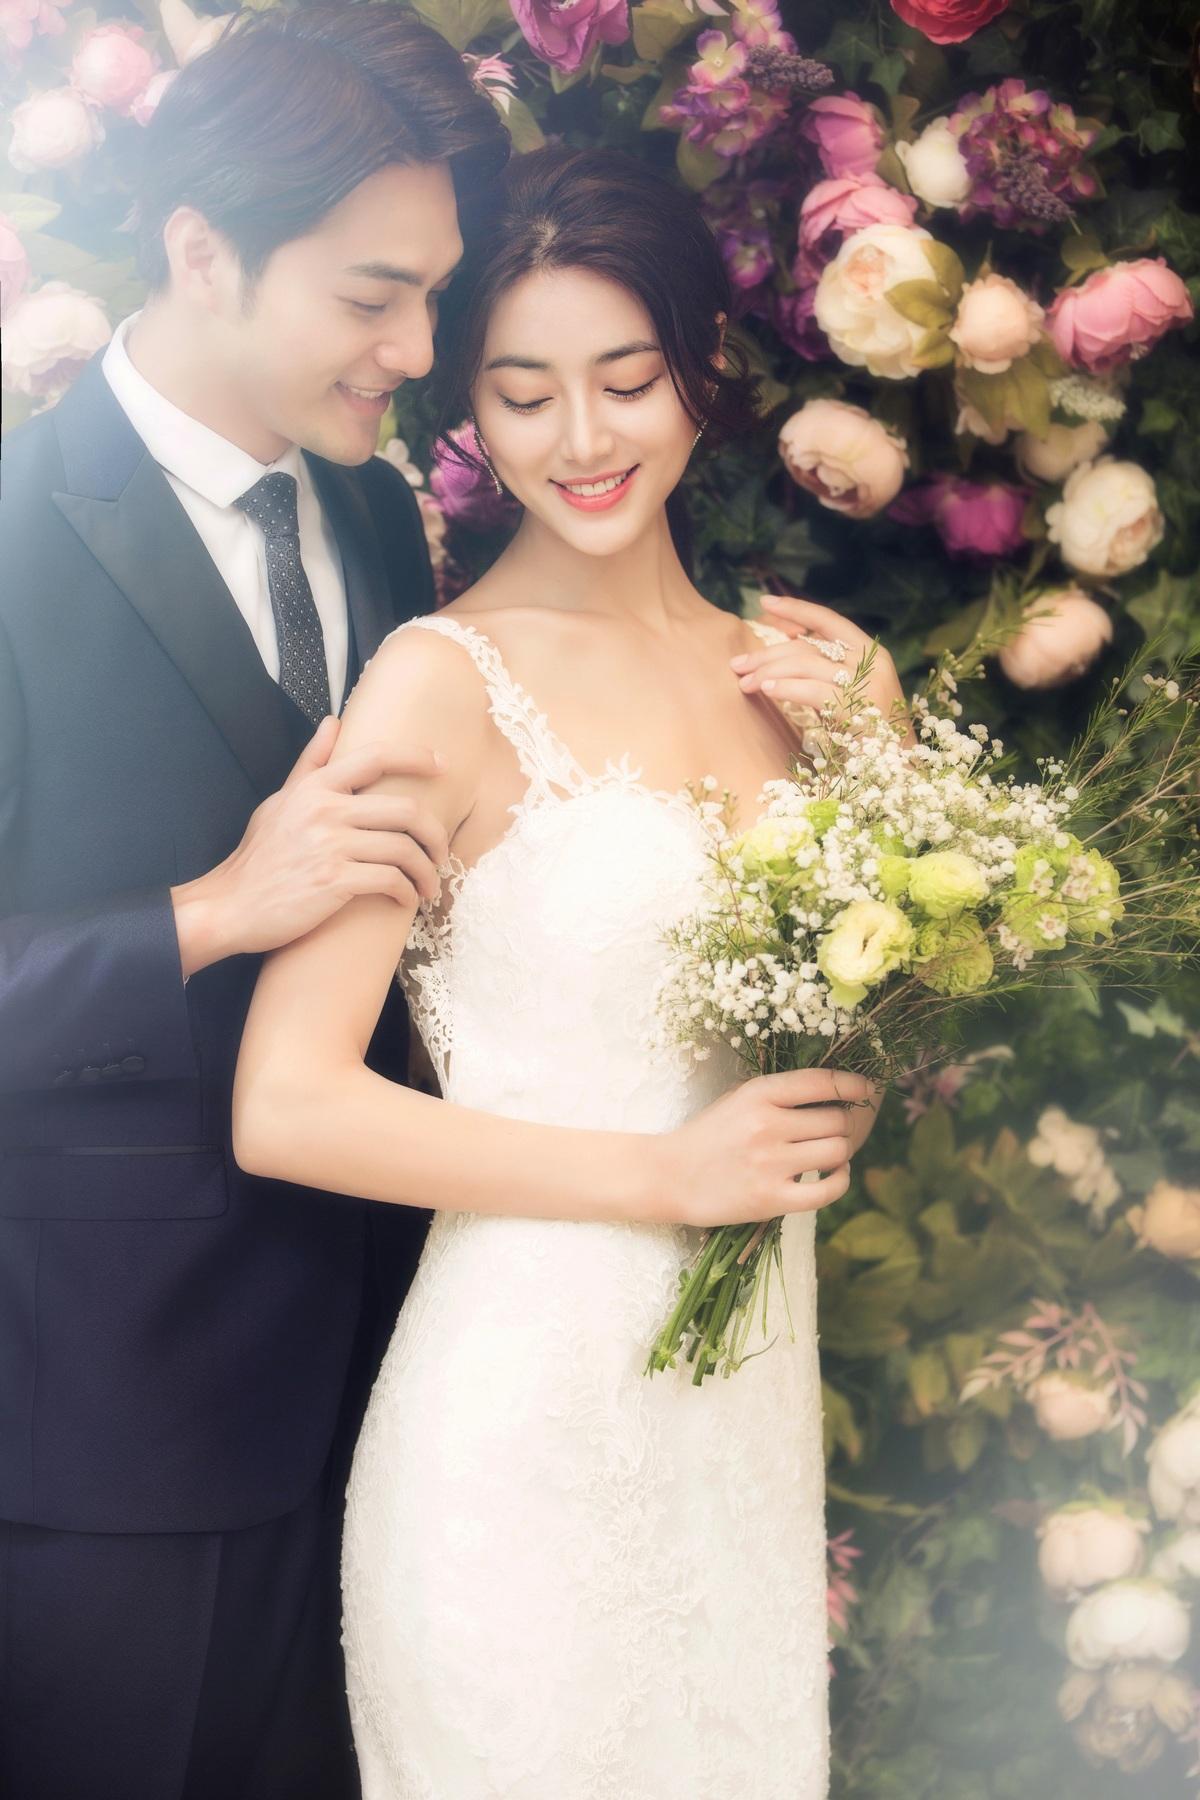 东莞婚纱摄影,好莱坞婚纱摄影玫瑰海岸